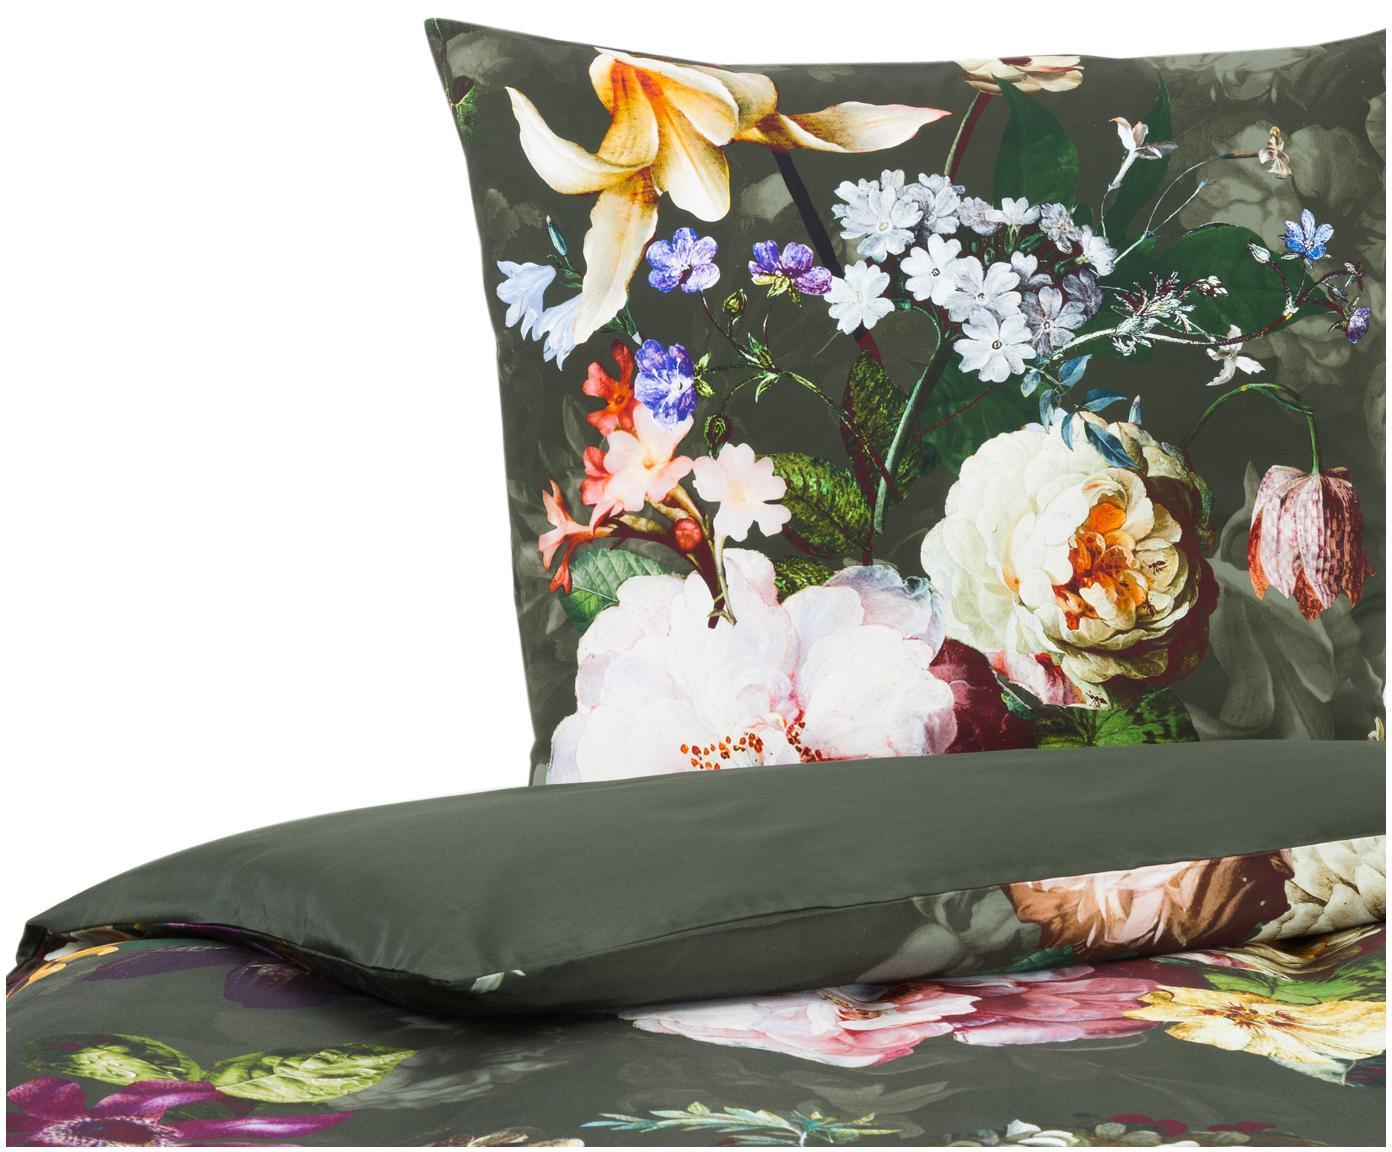 Baumwollsatin-Bettwäsche Fleur mit Blumen-Muster, Webart: Satin Fadendichte 209 TC,, Dunkelgrün, 155 x 220 cm + 1 Kissen 80 x 80 cm